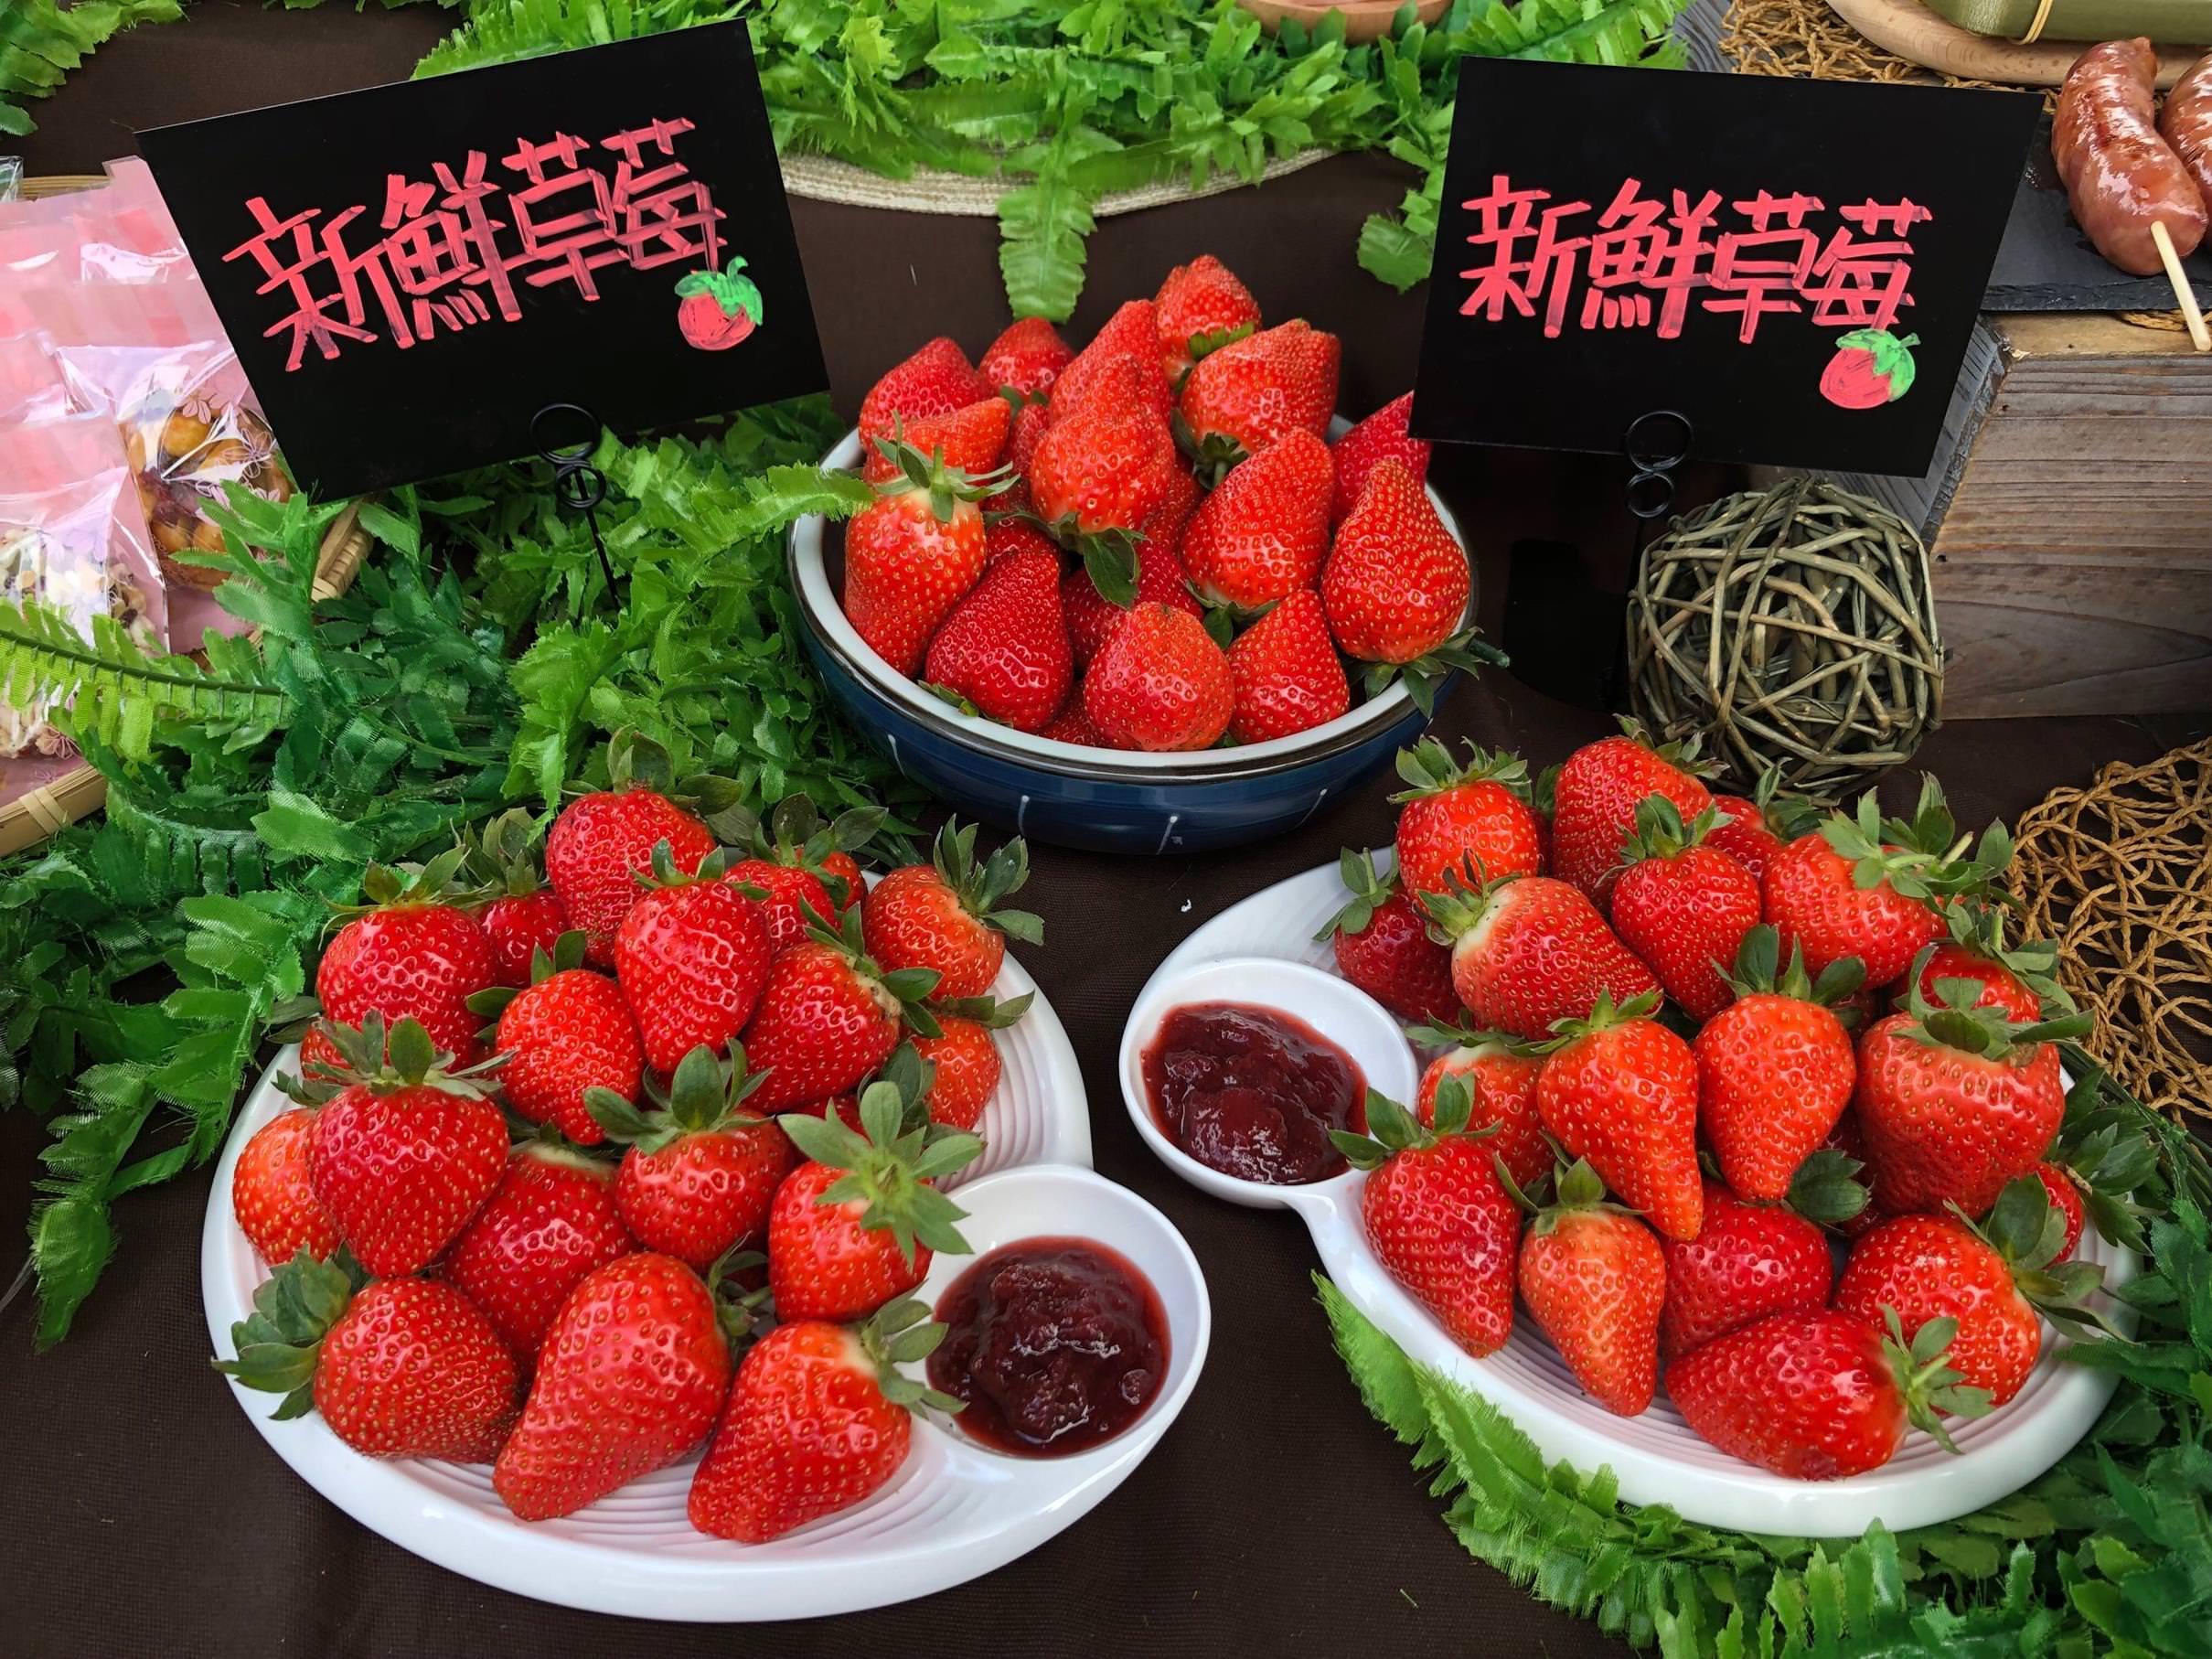 【2020內湖草莓季】3~4月盛產期、新鮮又大顆的酸甜滋味就在莓好時光!